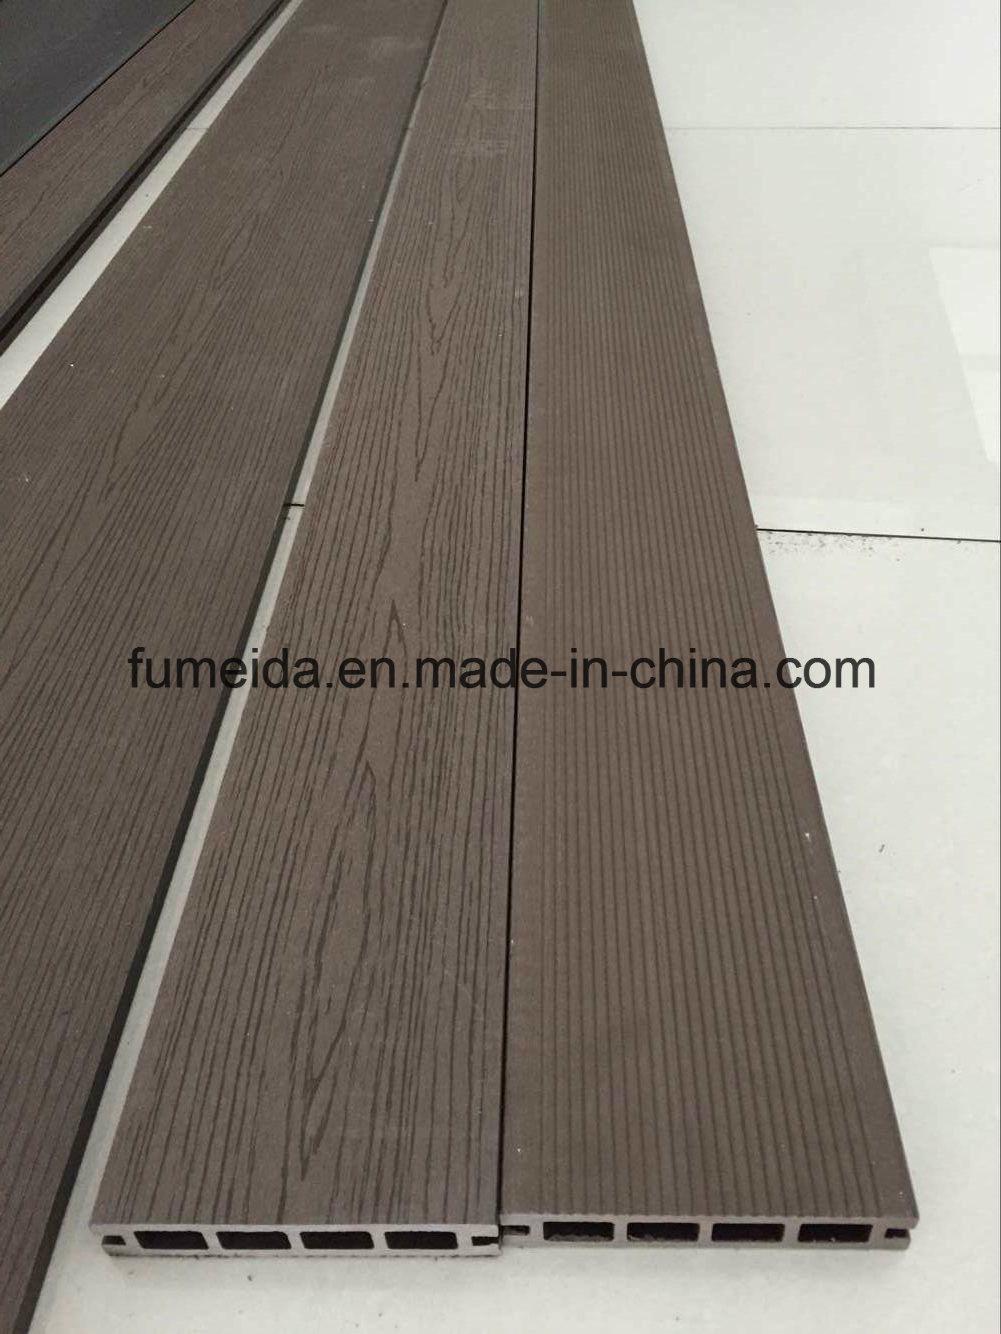 WPC Outdoor Flooring Wood Plastic Composite Decking Dek 001